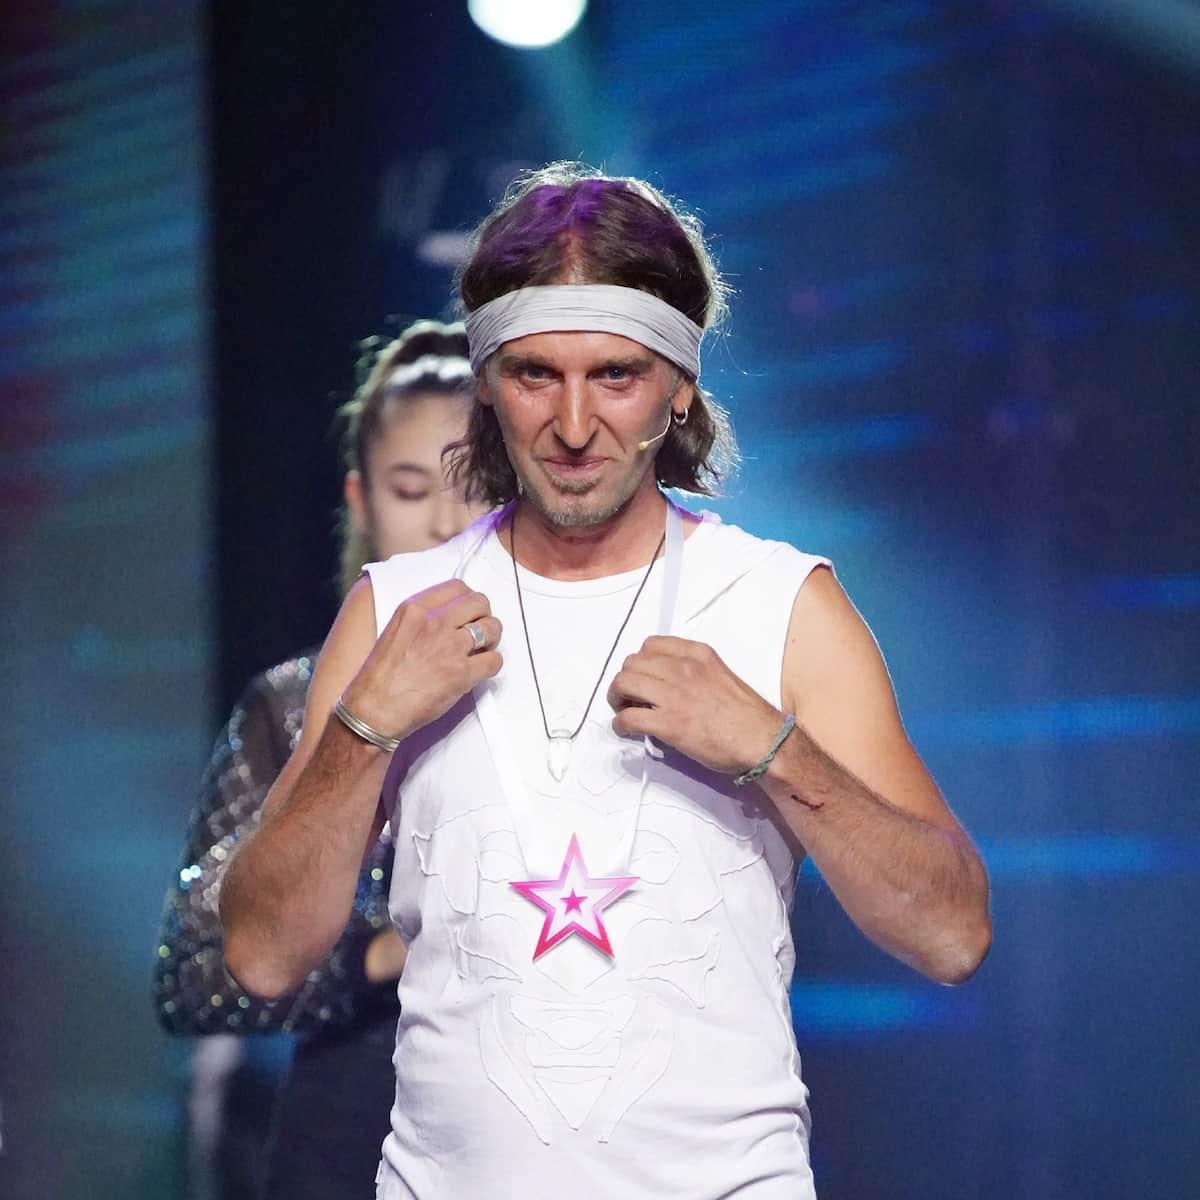 Johannes Stötter weiter im Live-Halbfinale Supertalent 2021